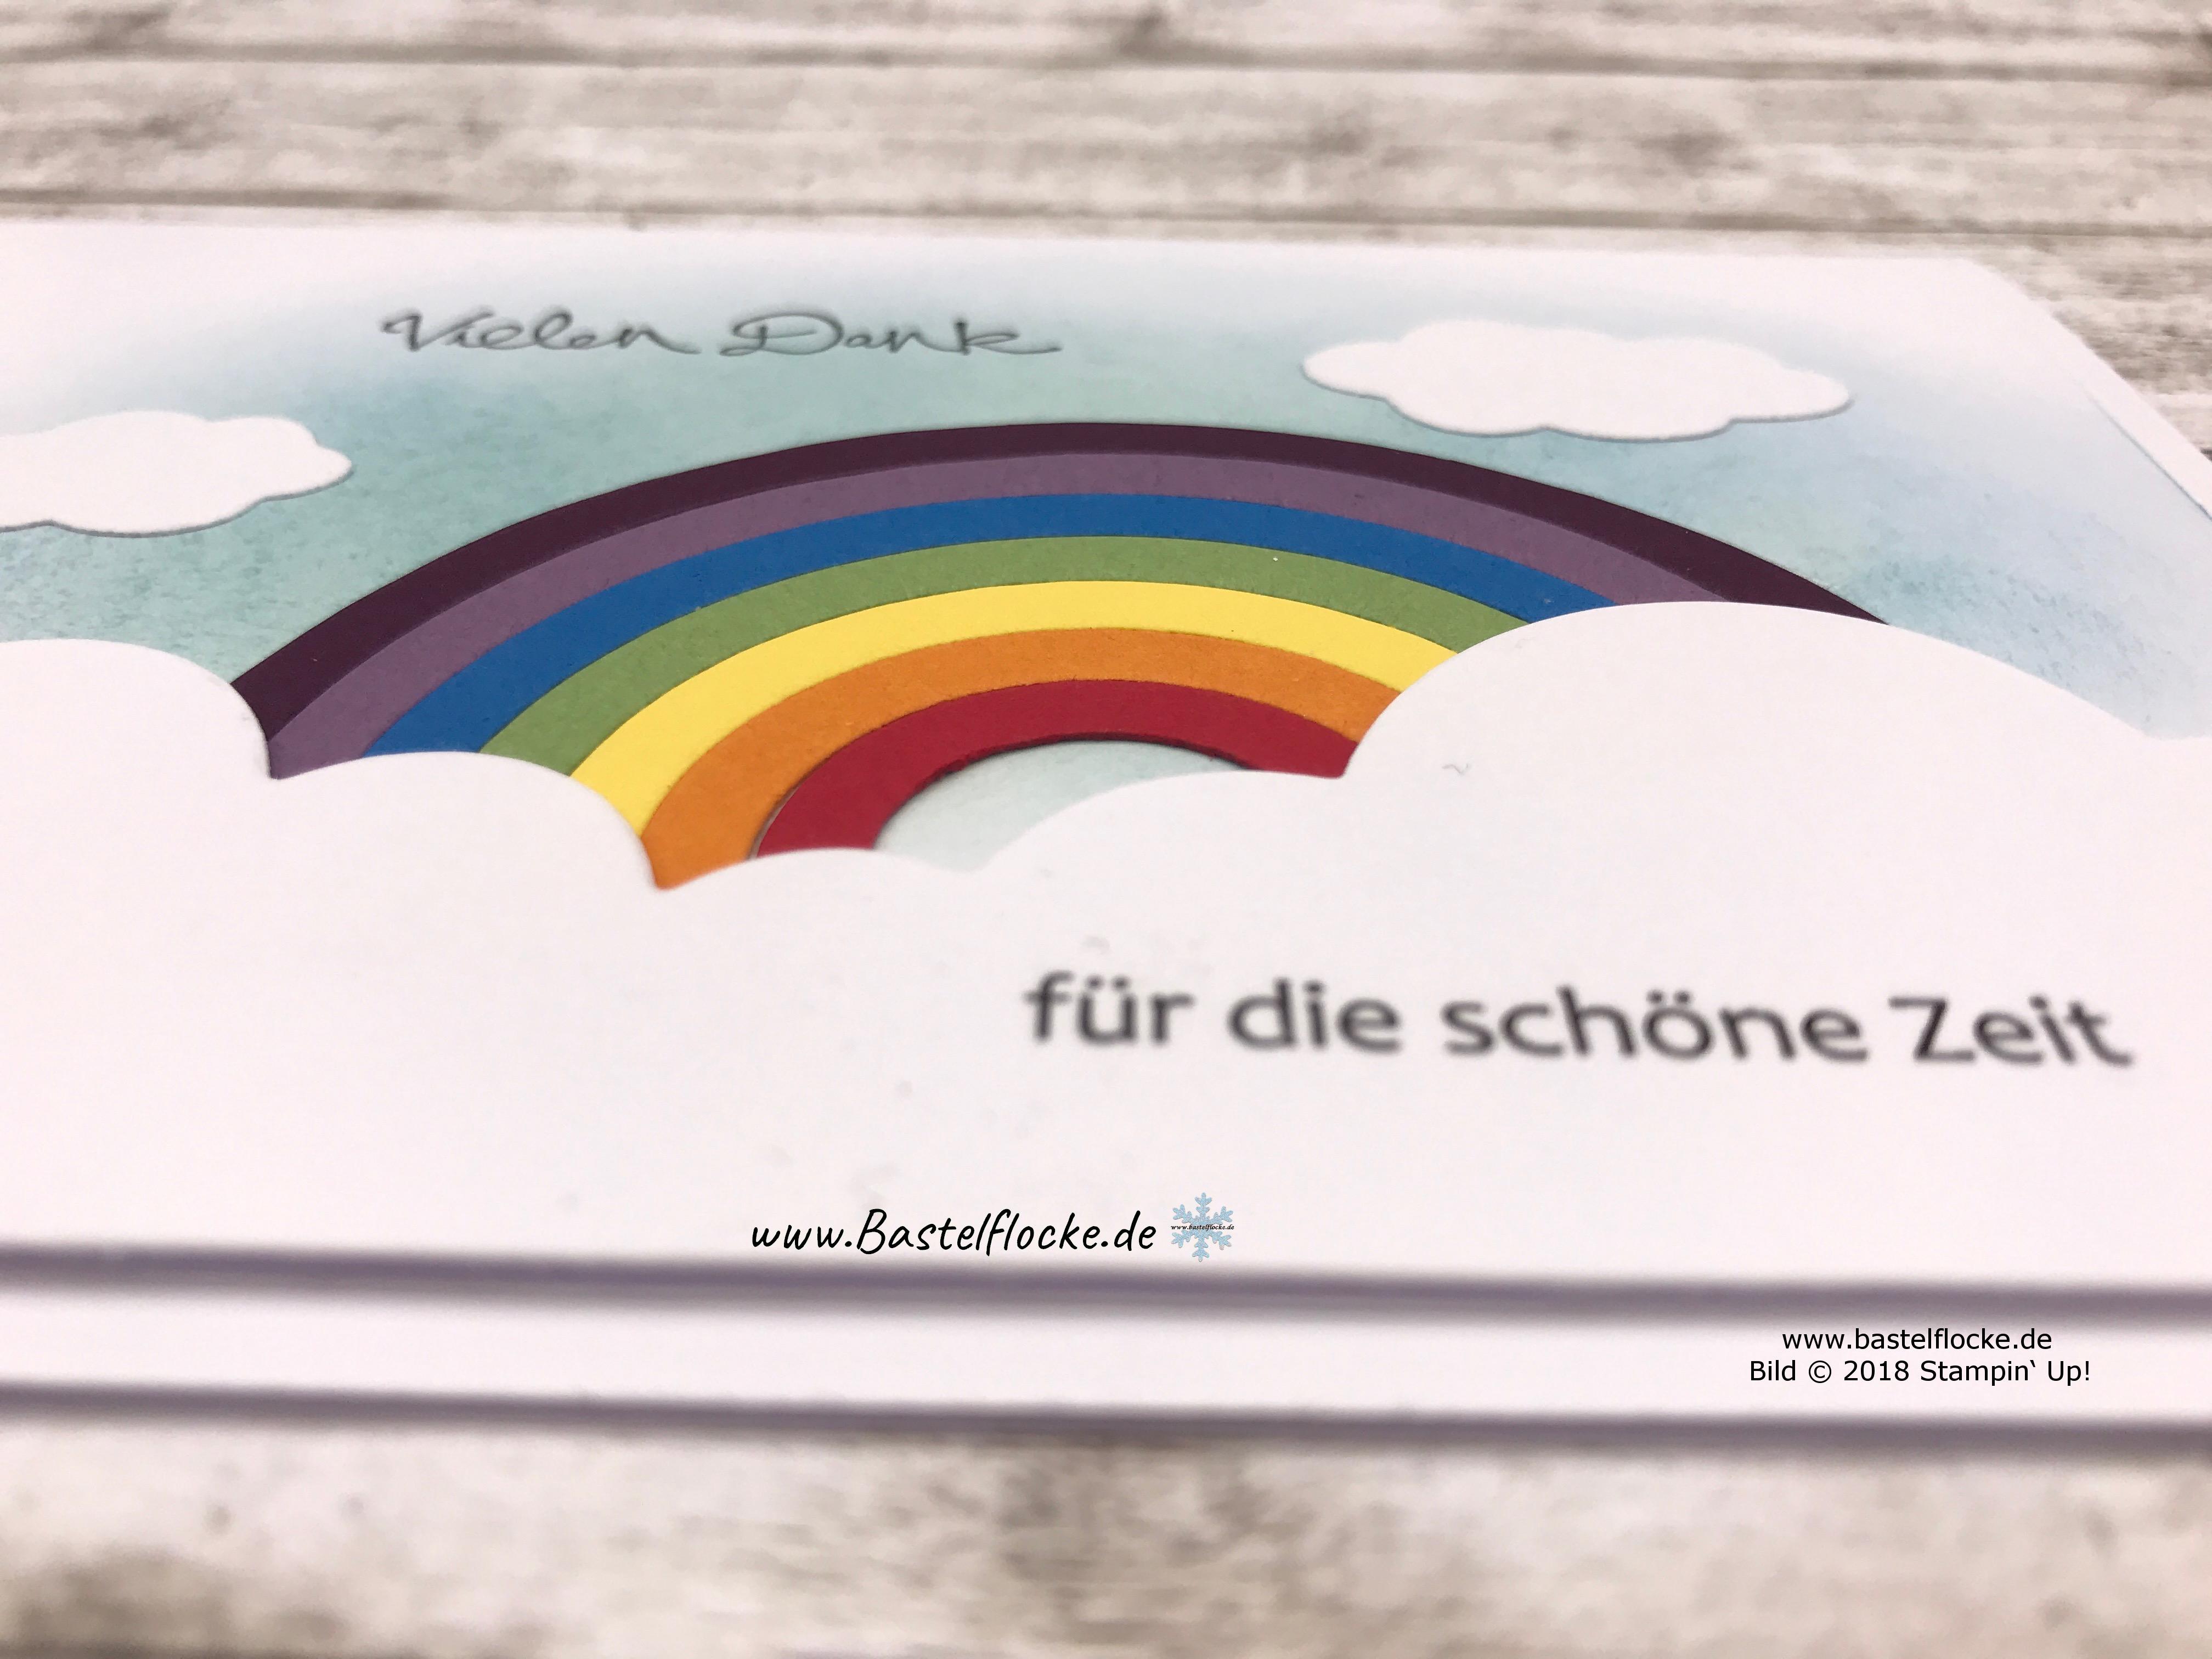 Danke Für Eine Schöne Zeit Danke Schön 2019 07 08